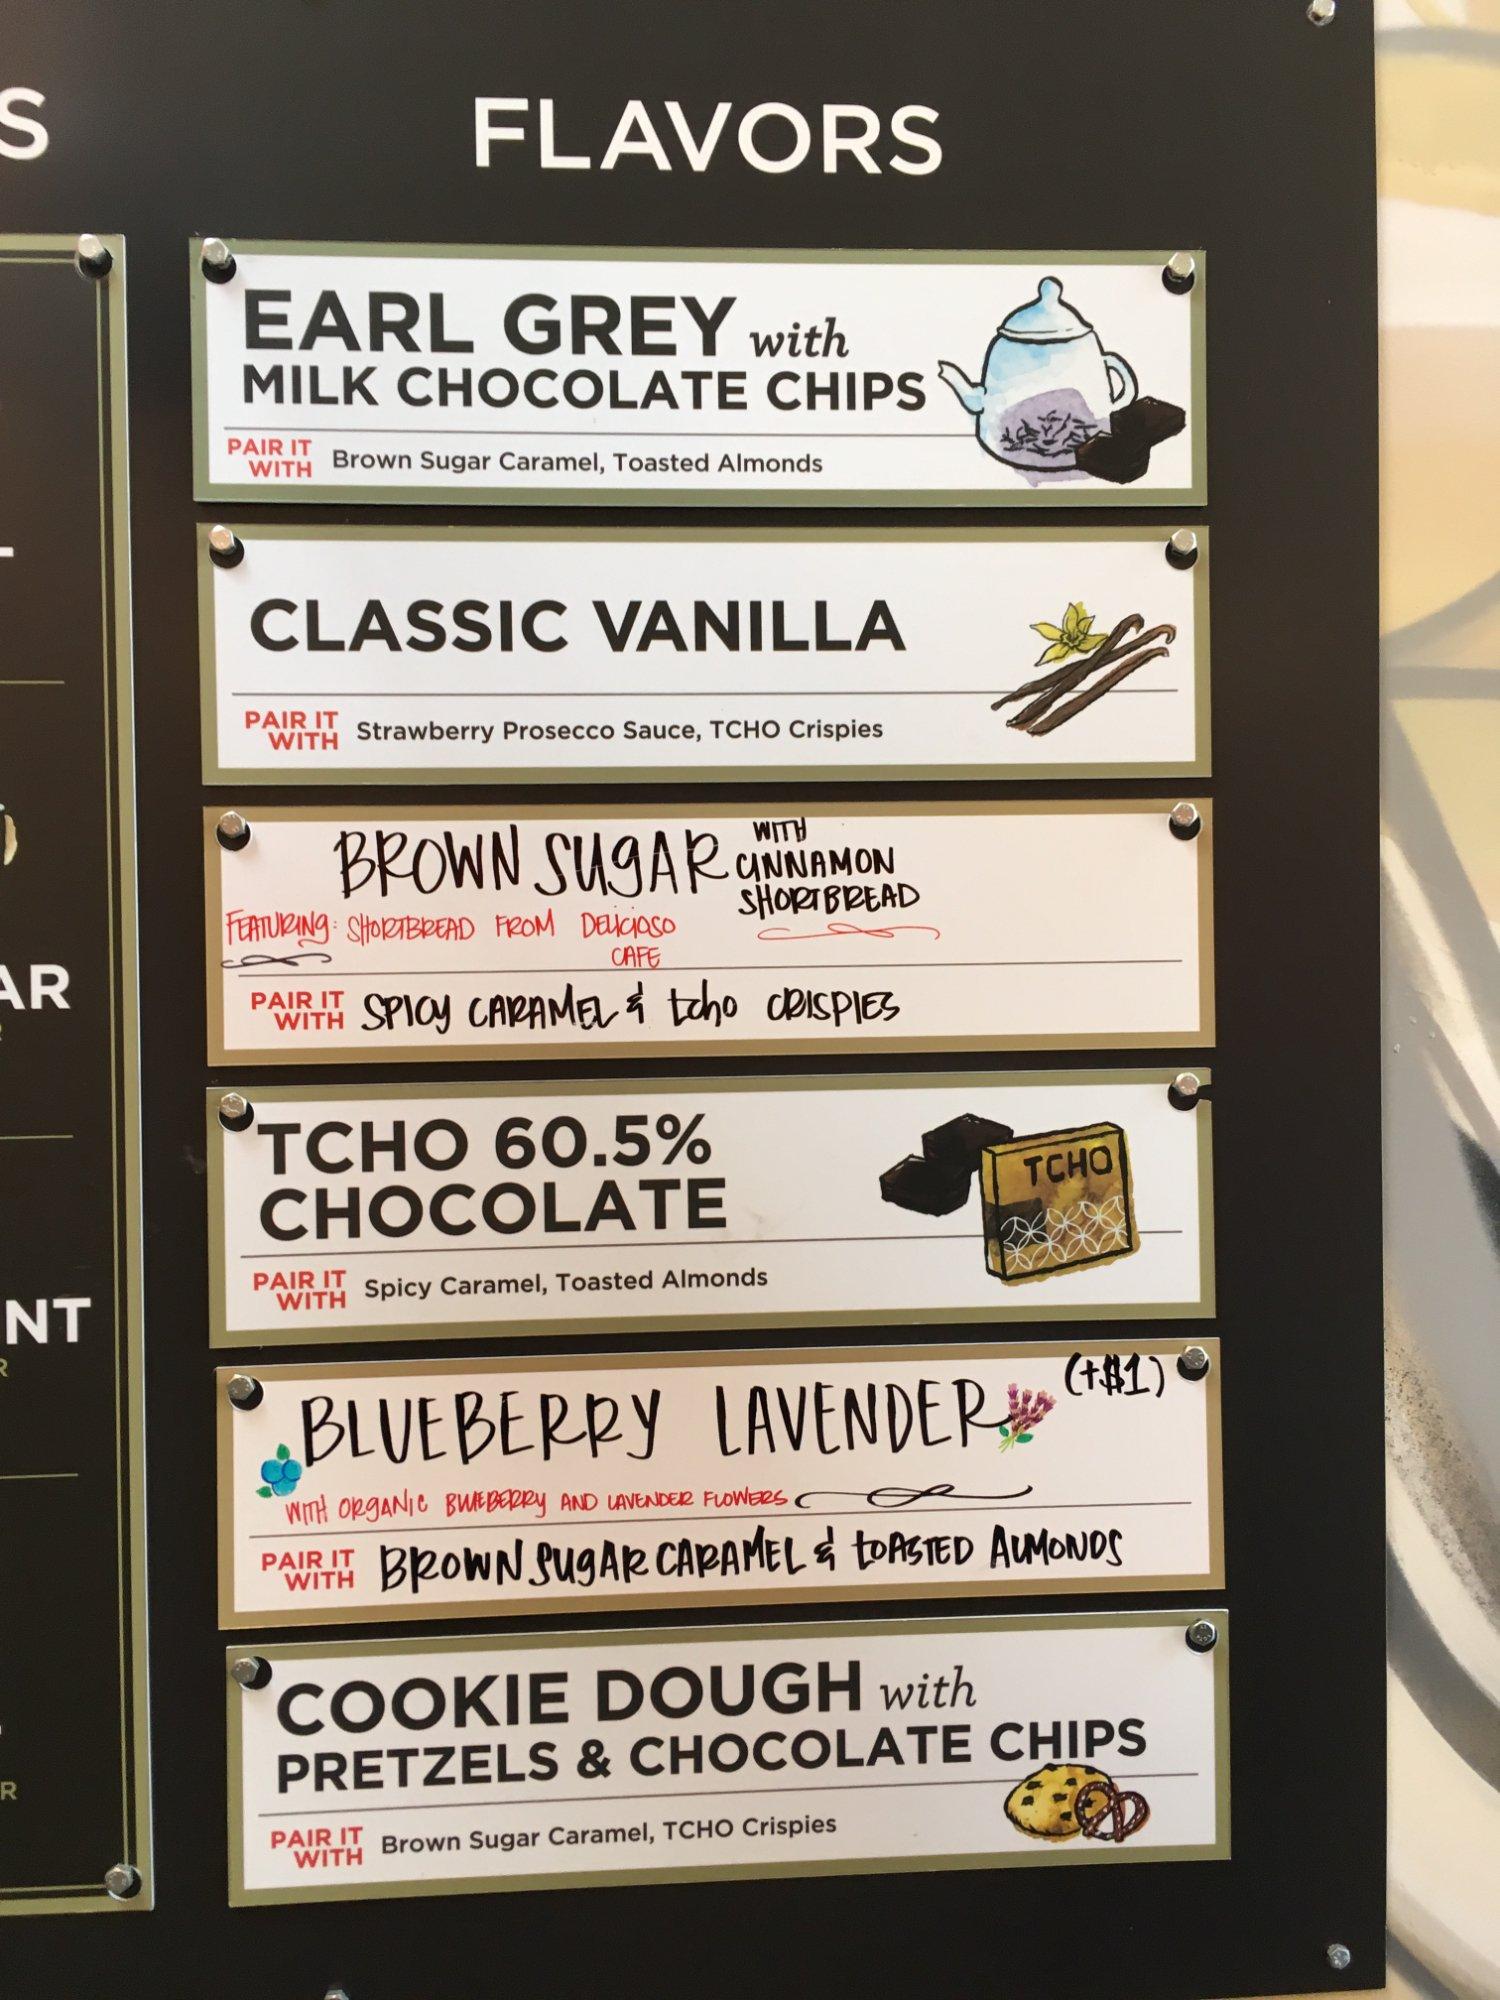 Smitten Ice Cream Marina smitten ice cream, san francisco - 2268 chestnut st, marina